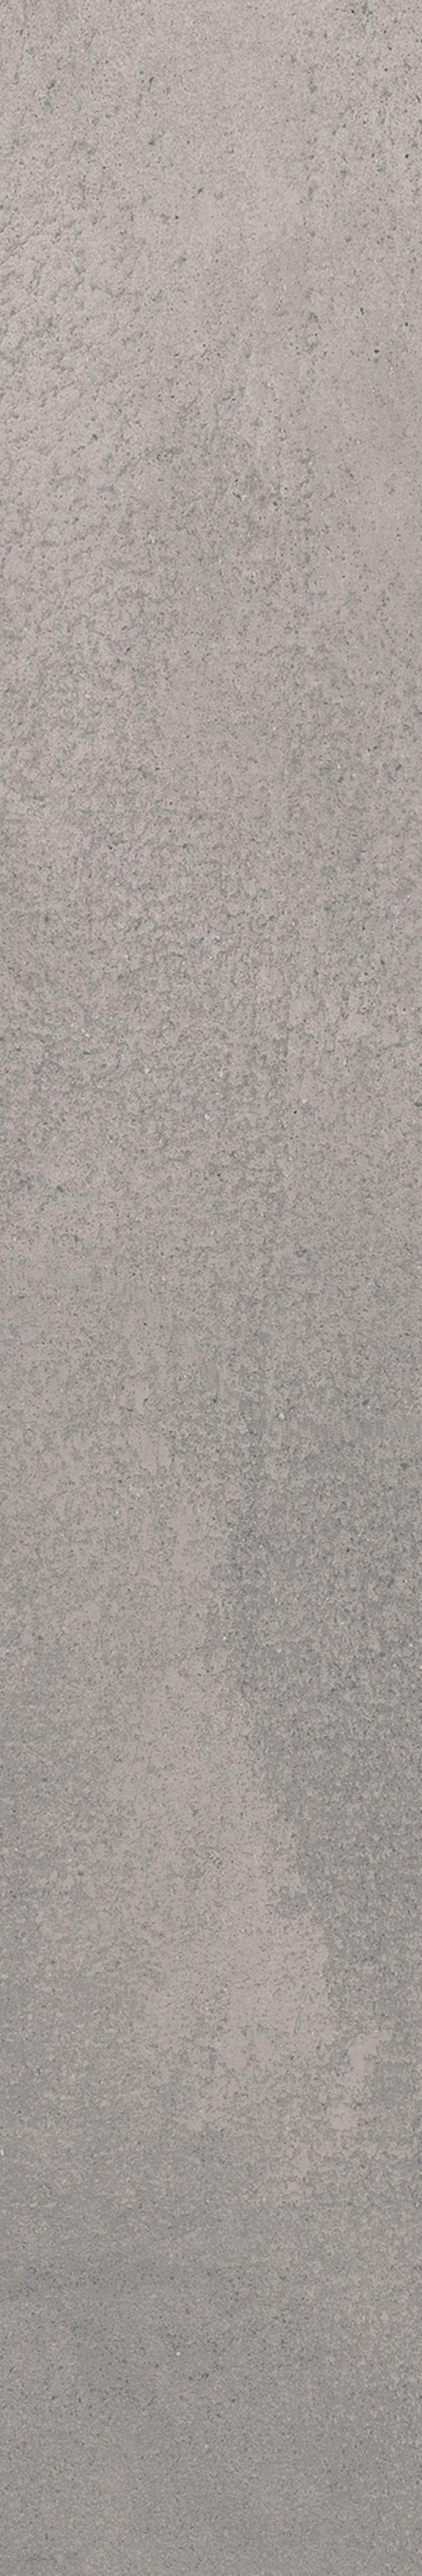 Dekoracja podłogowa 9,8x59,8 cm Paradyż Space Grafit Cokół Mat.